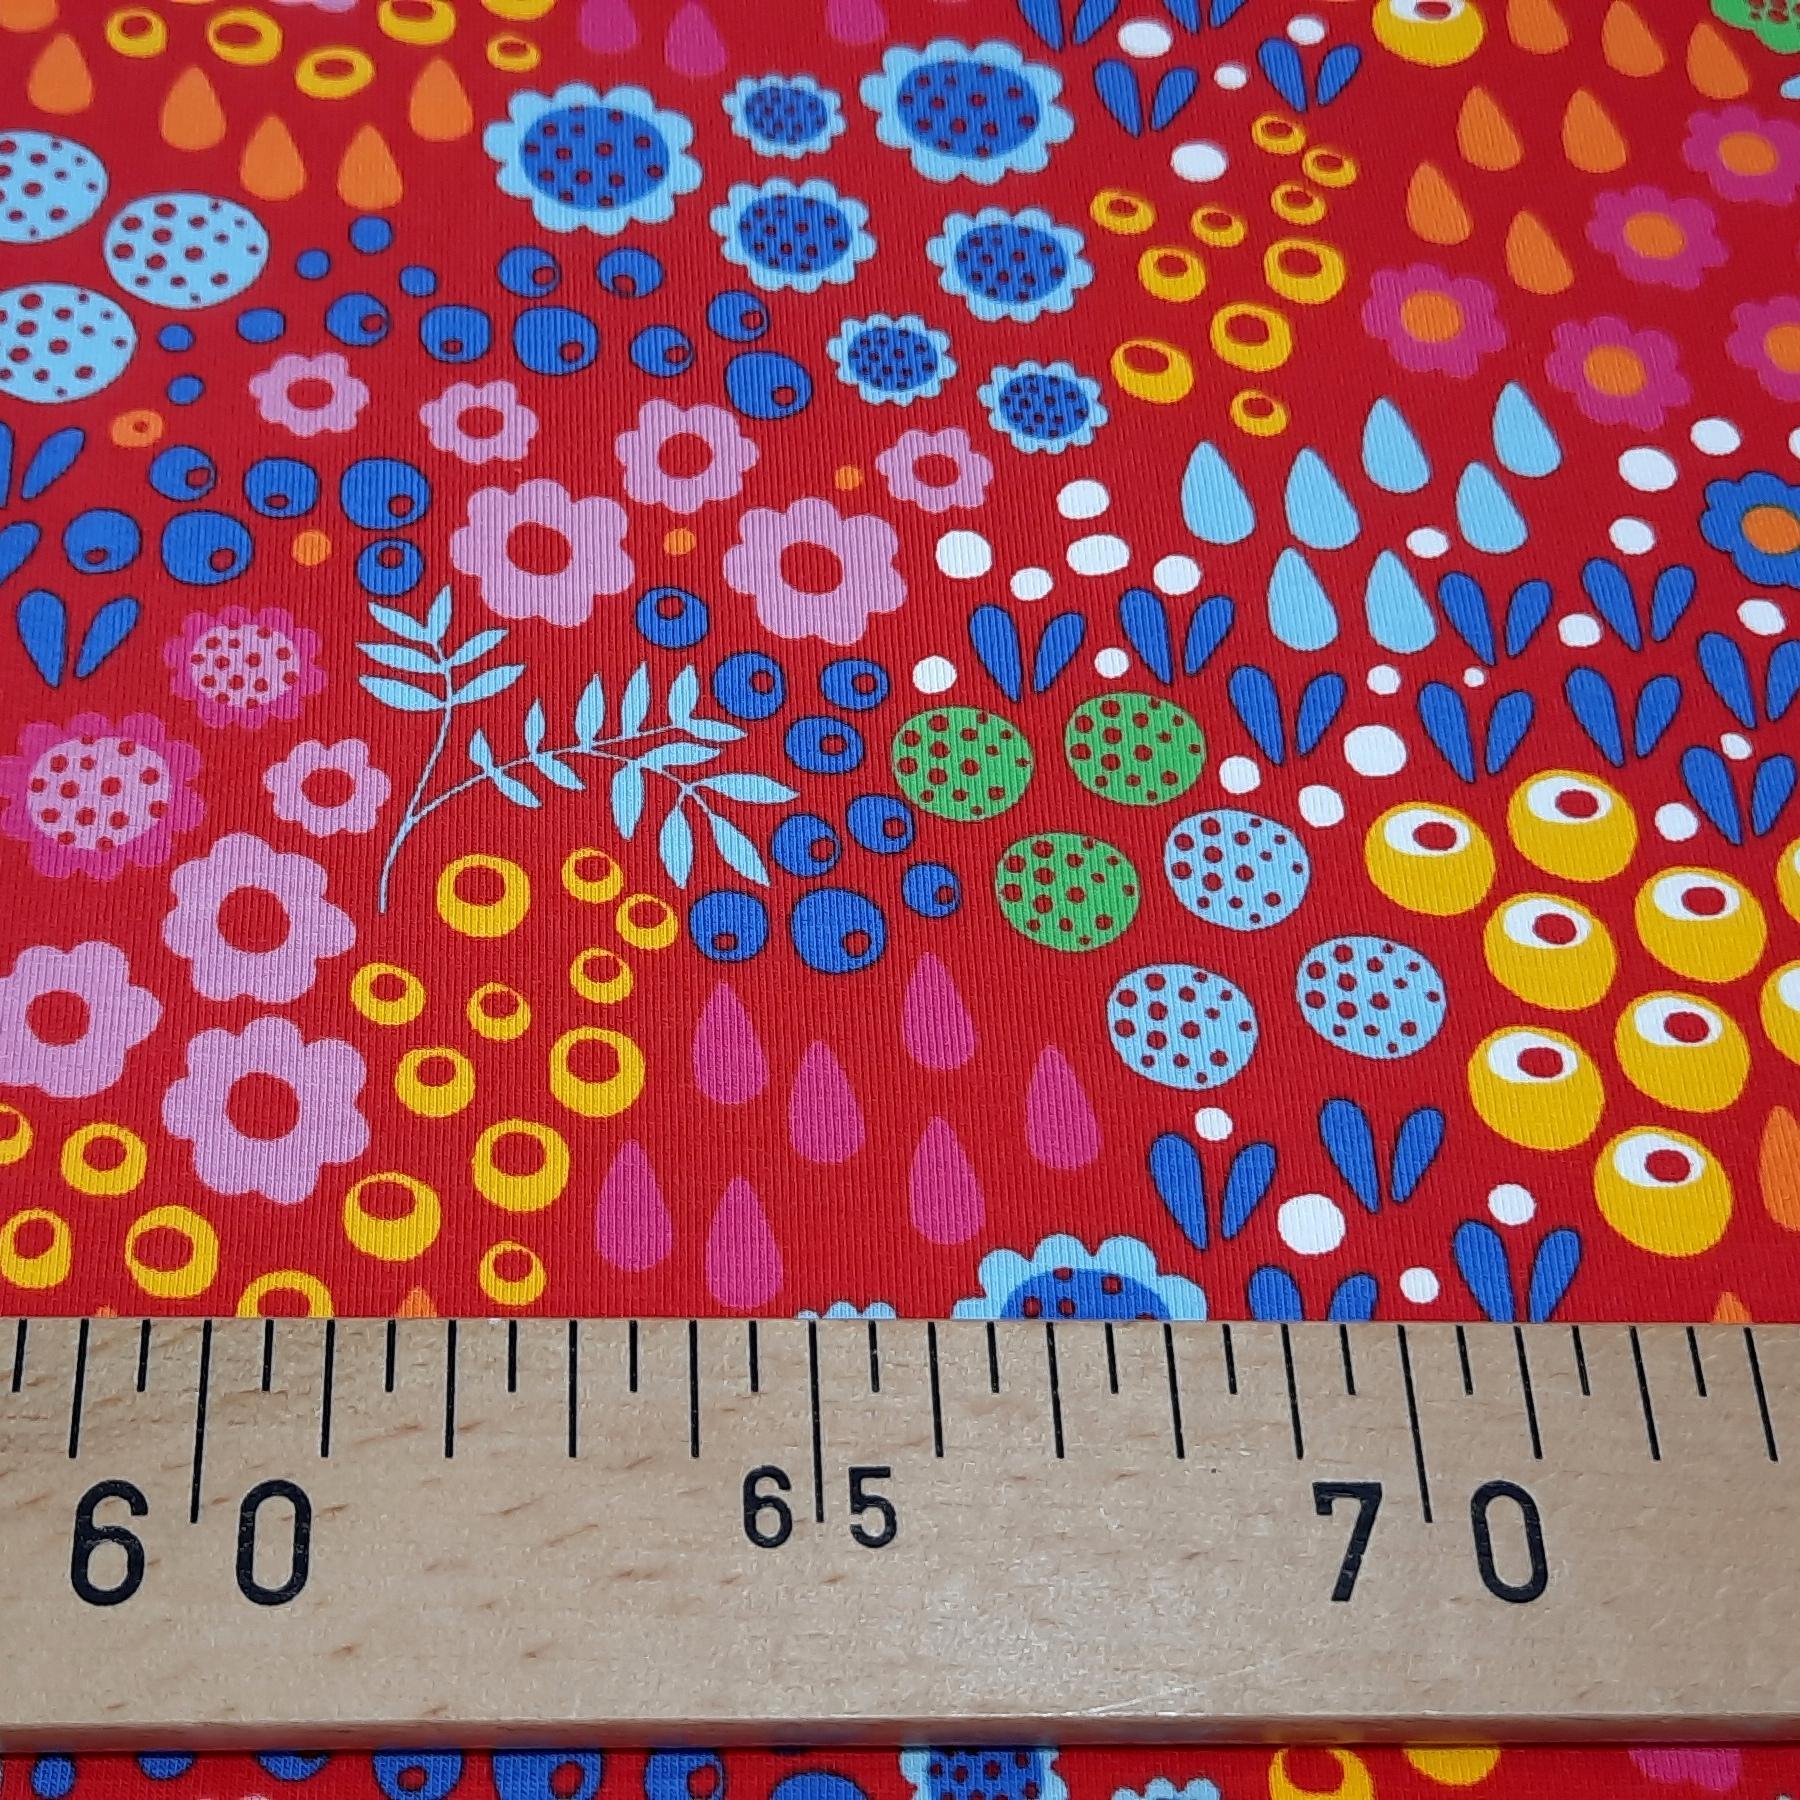 Jersey rouge a motifs 2